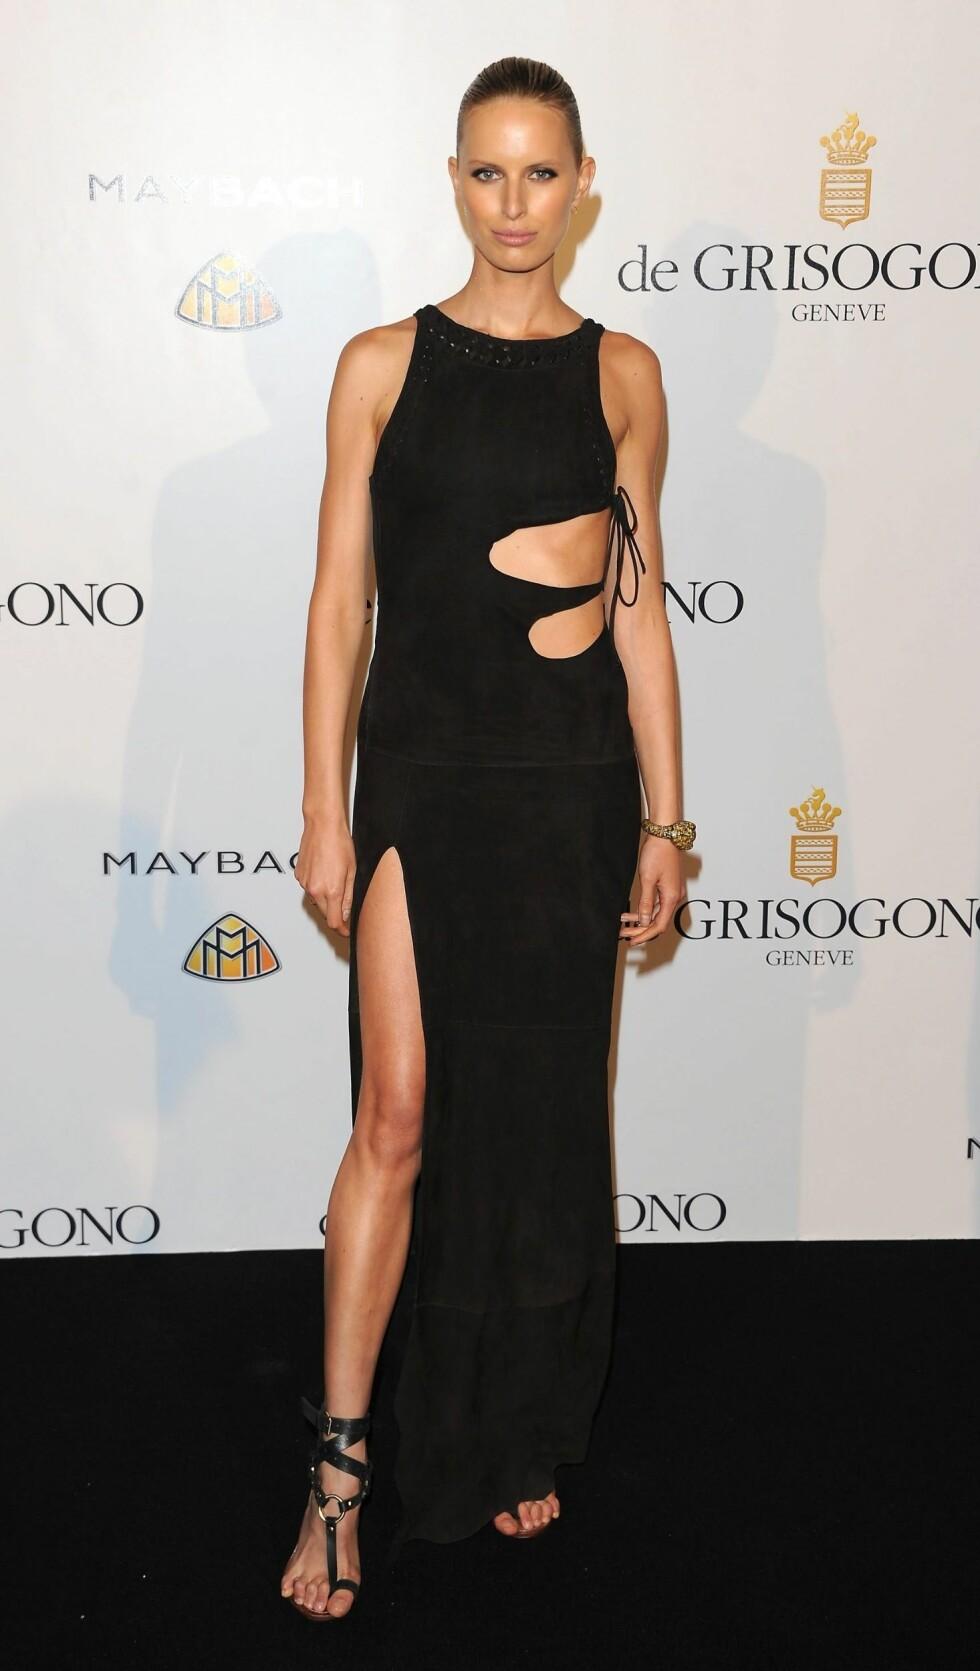 Supermodell Karolina Kurkova på de Grisogono Party i Cannes, i dristig Pucci-kreasjon med nakne partier og splitt. Foto: All Over Press